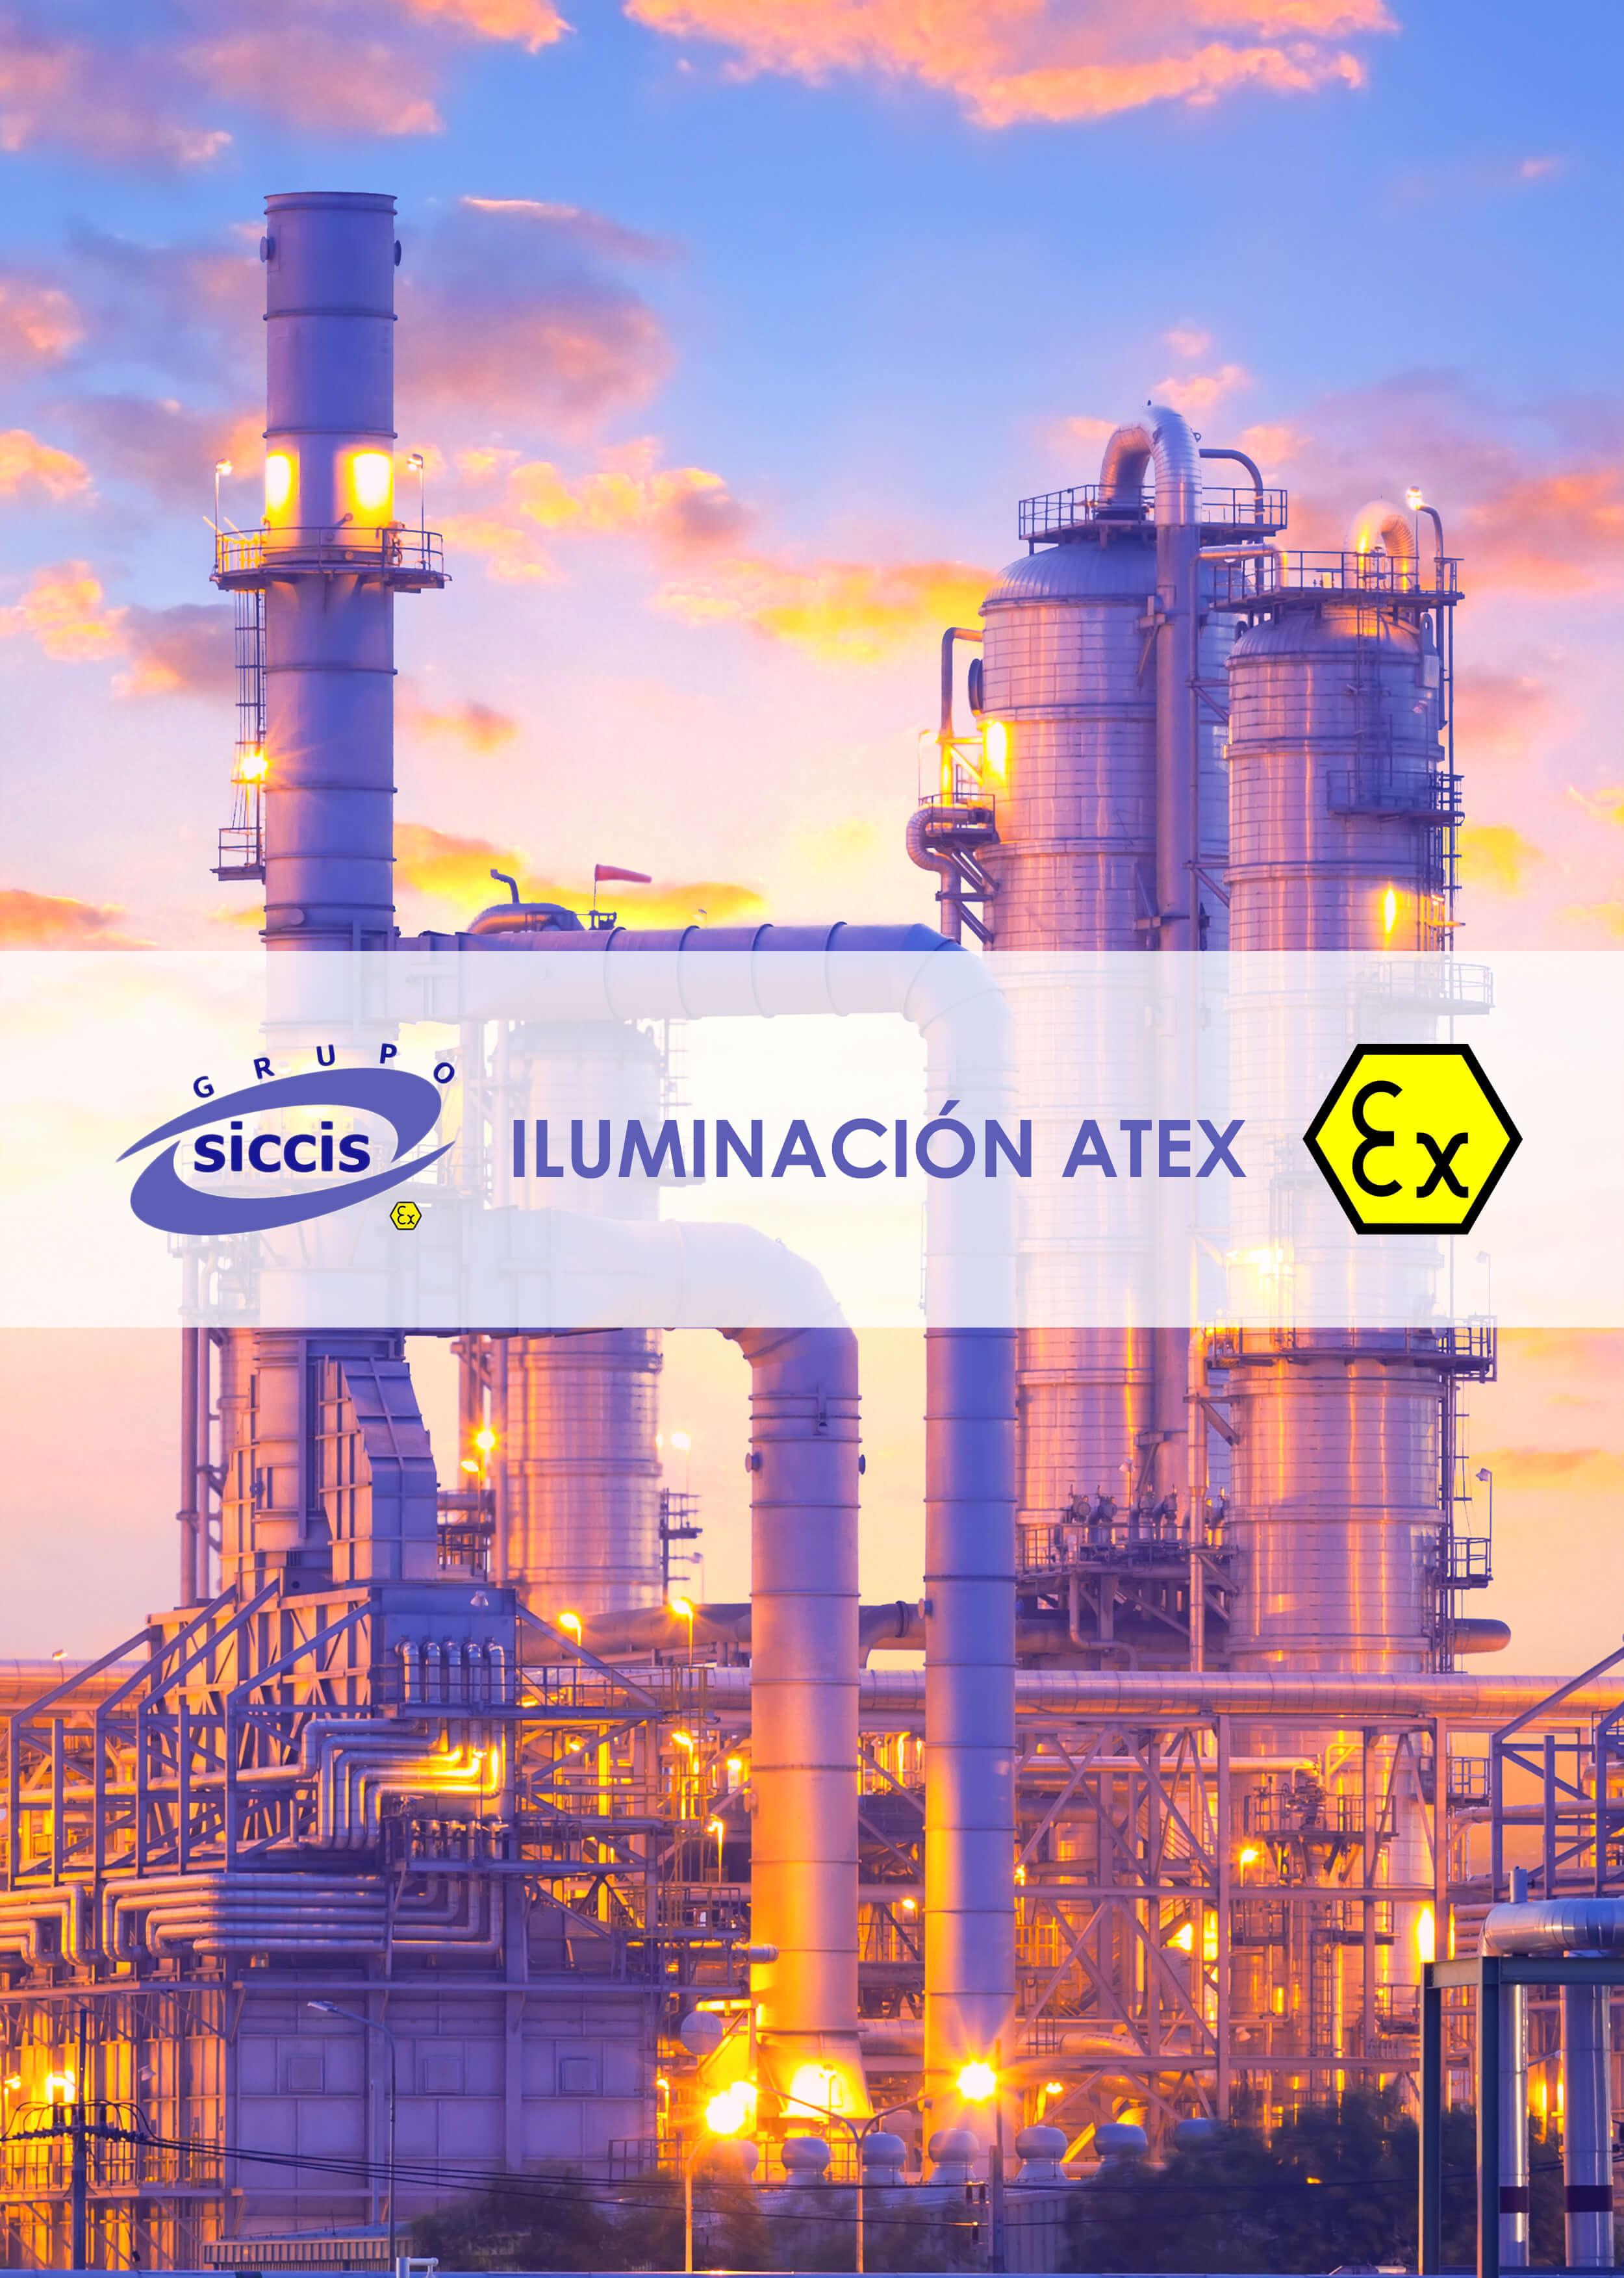 Catálogo de iluminación ATEX